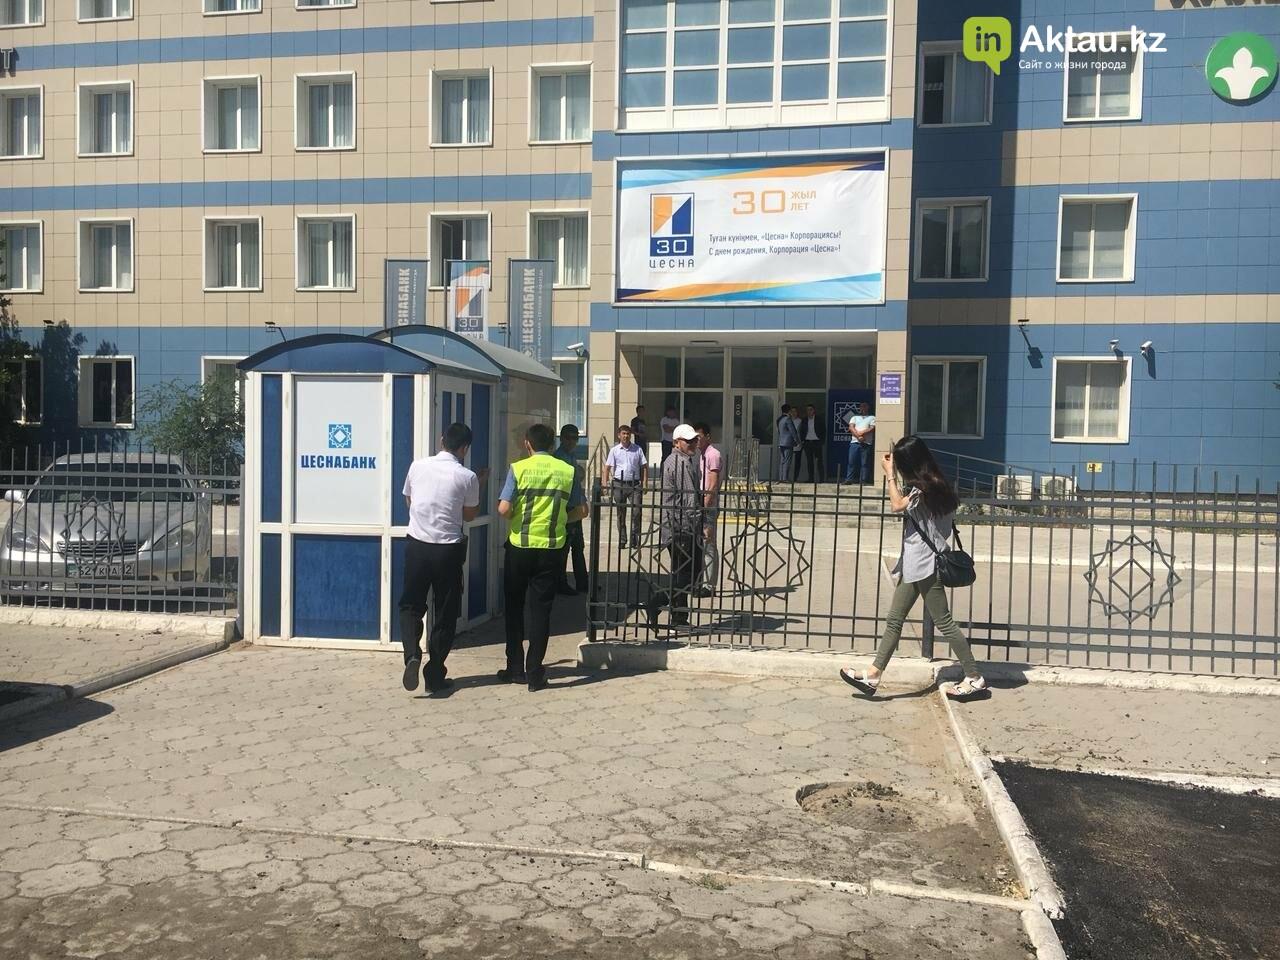 """Очевидцы: На отделение """"Цеснабанка"""" в Актау напали вооружённые люди (ДОПОЛНЕНО), фото-2"""